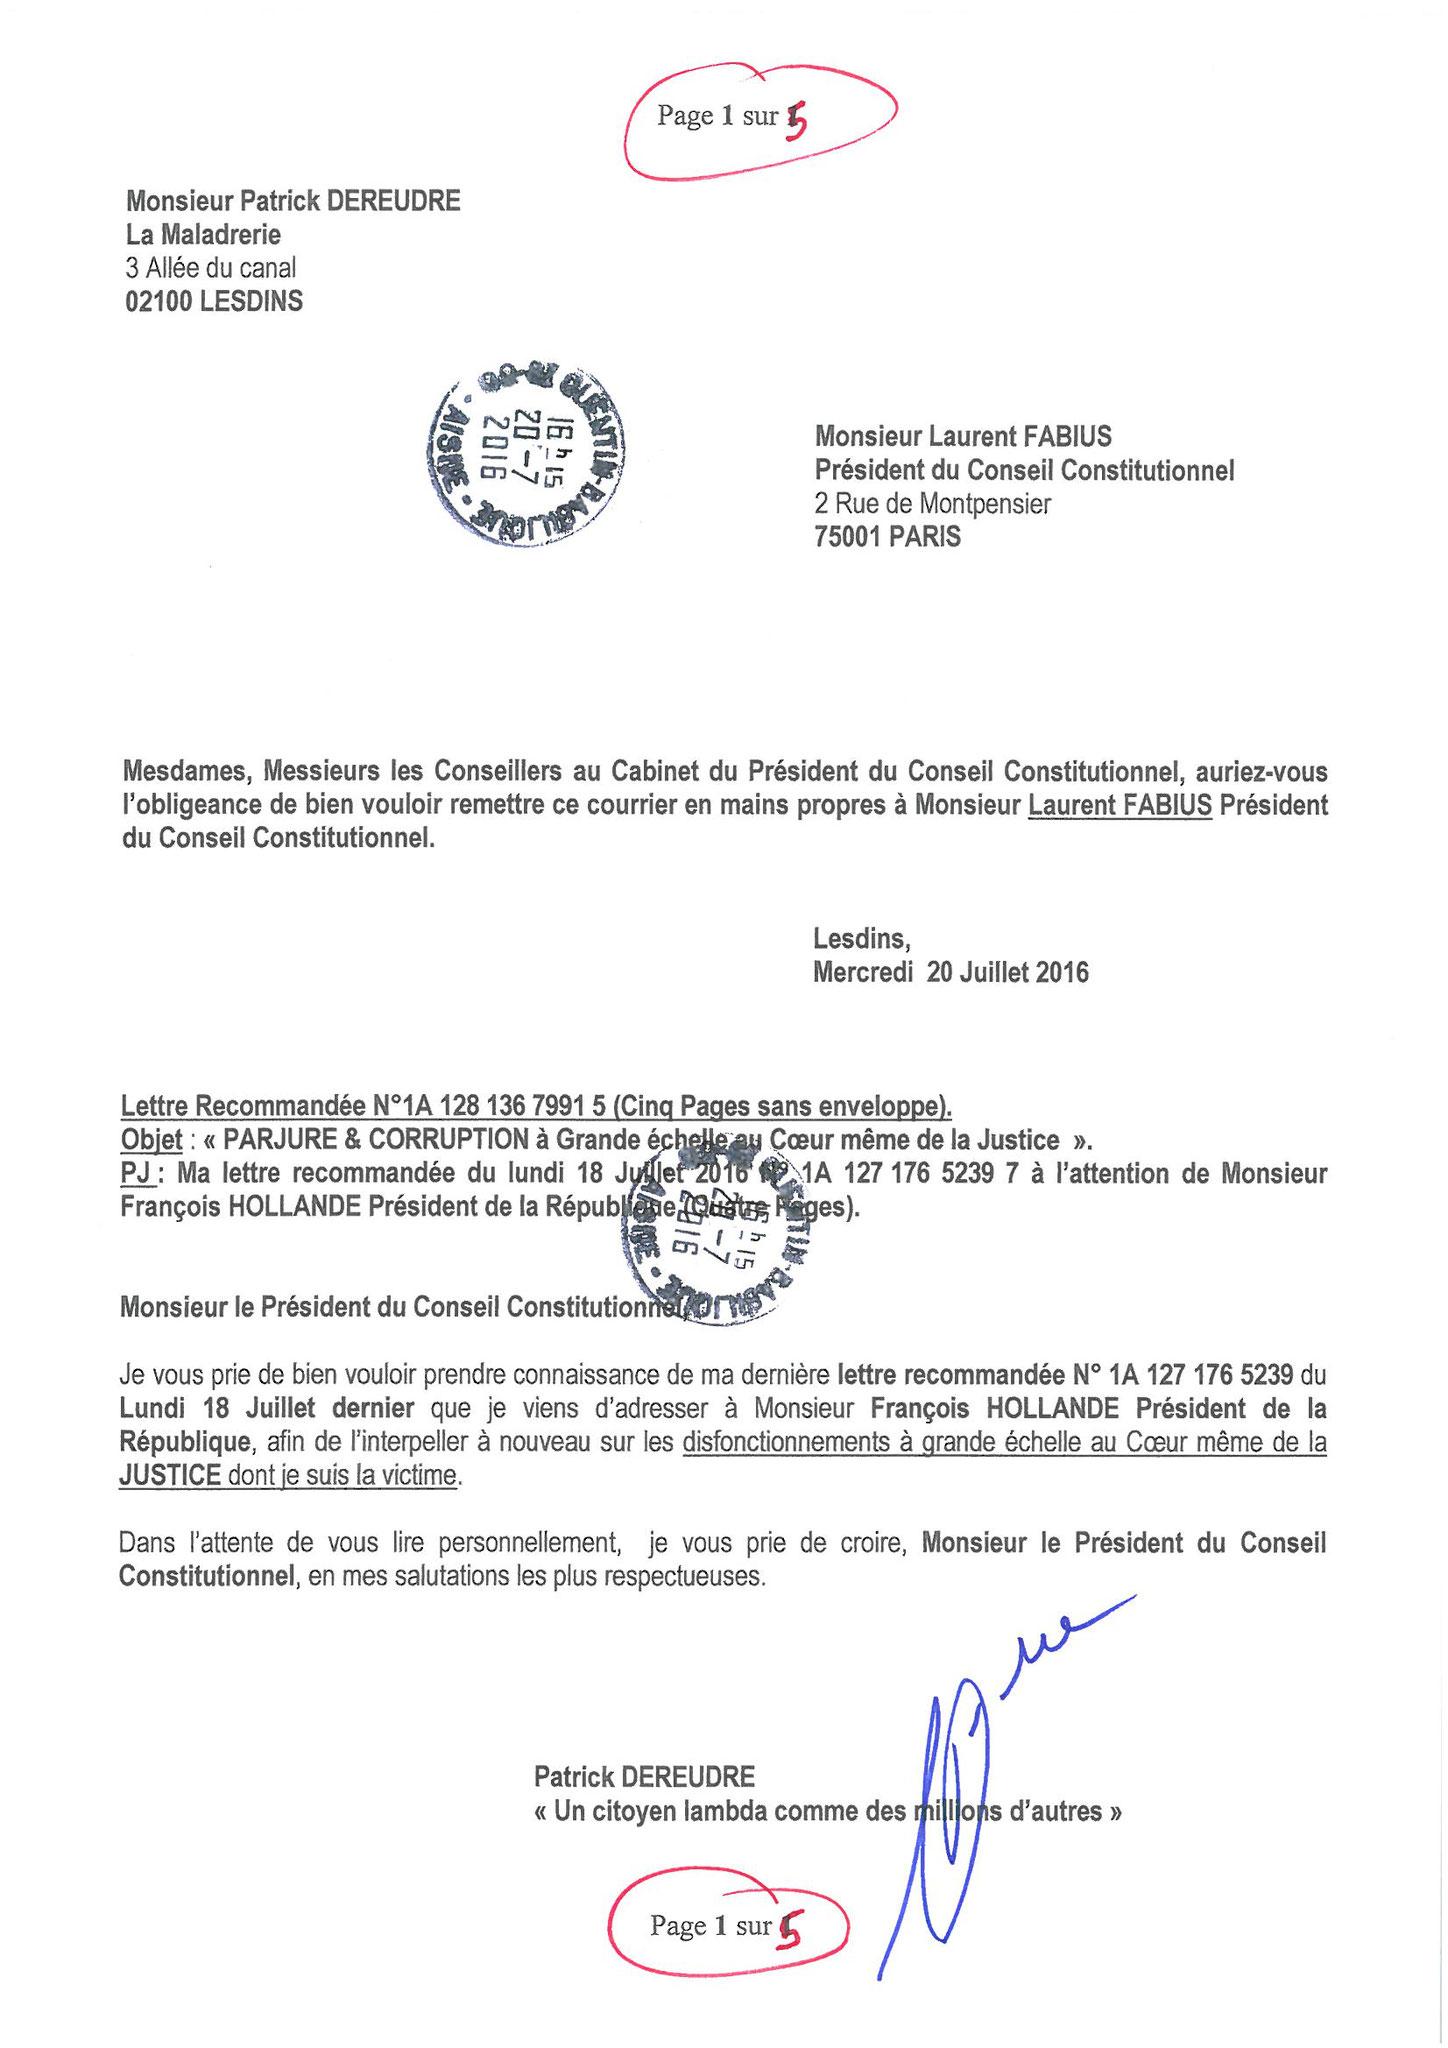 LRAR du 20 Juillet 2016 à Monsieur Laurent FABIUS le Président du Conseil Constitutionnel page 1 à 5 www.maisonnonconforme.fr